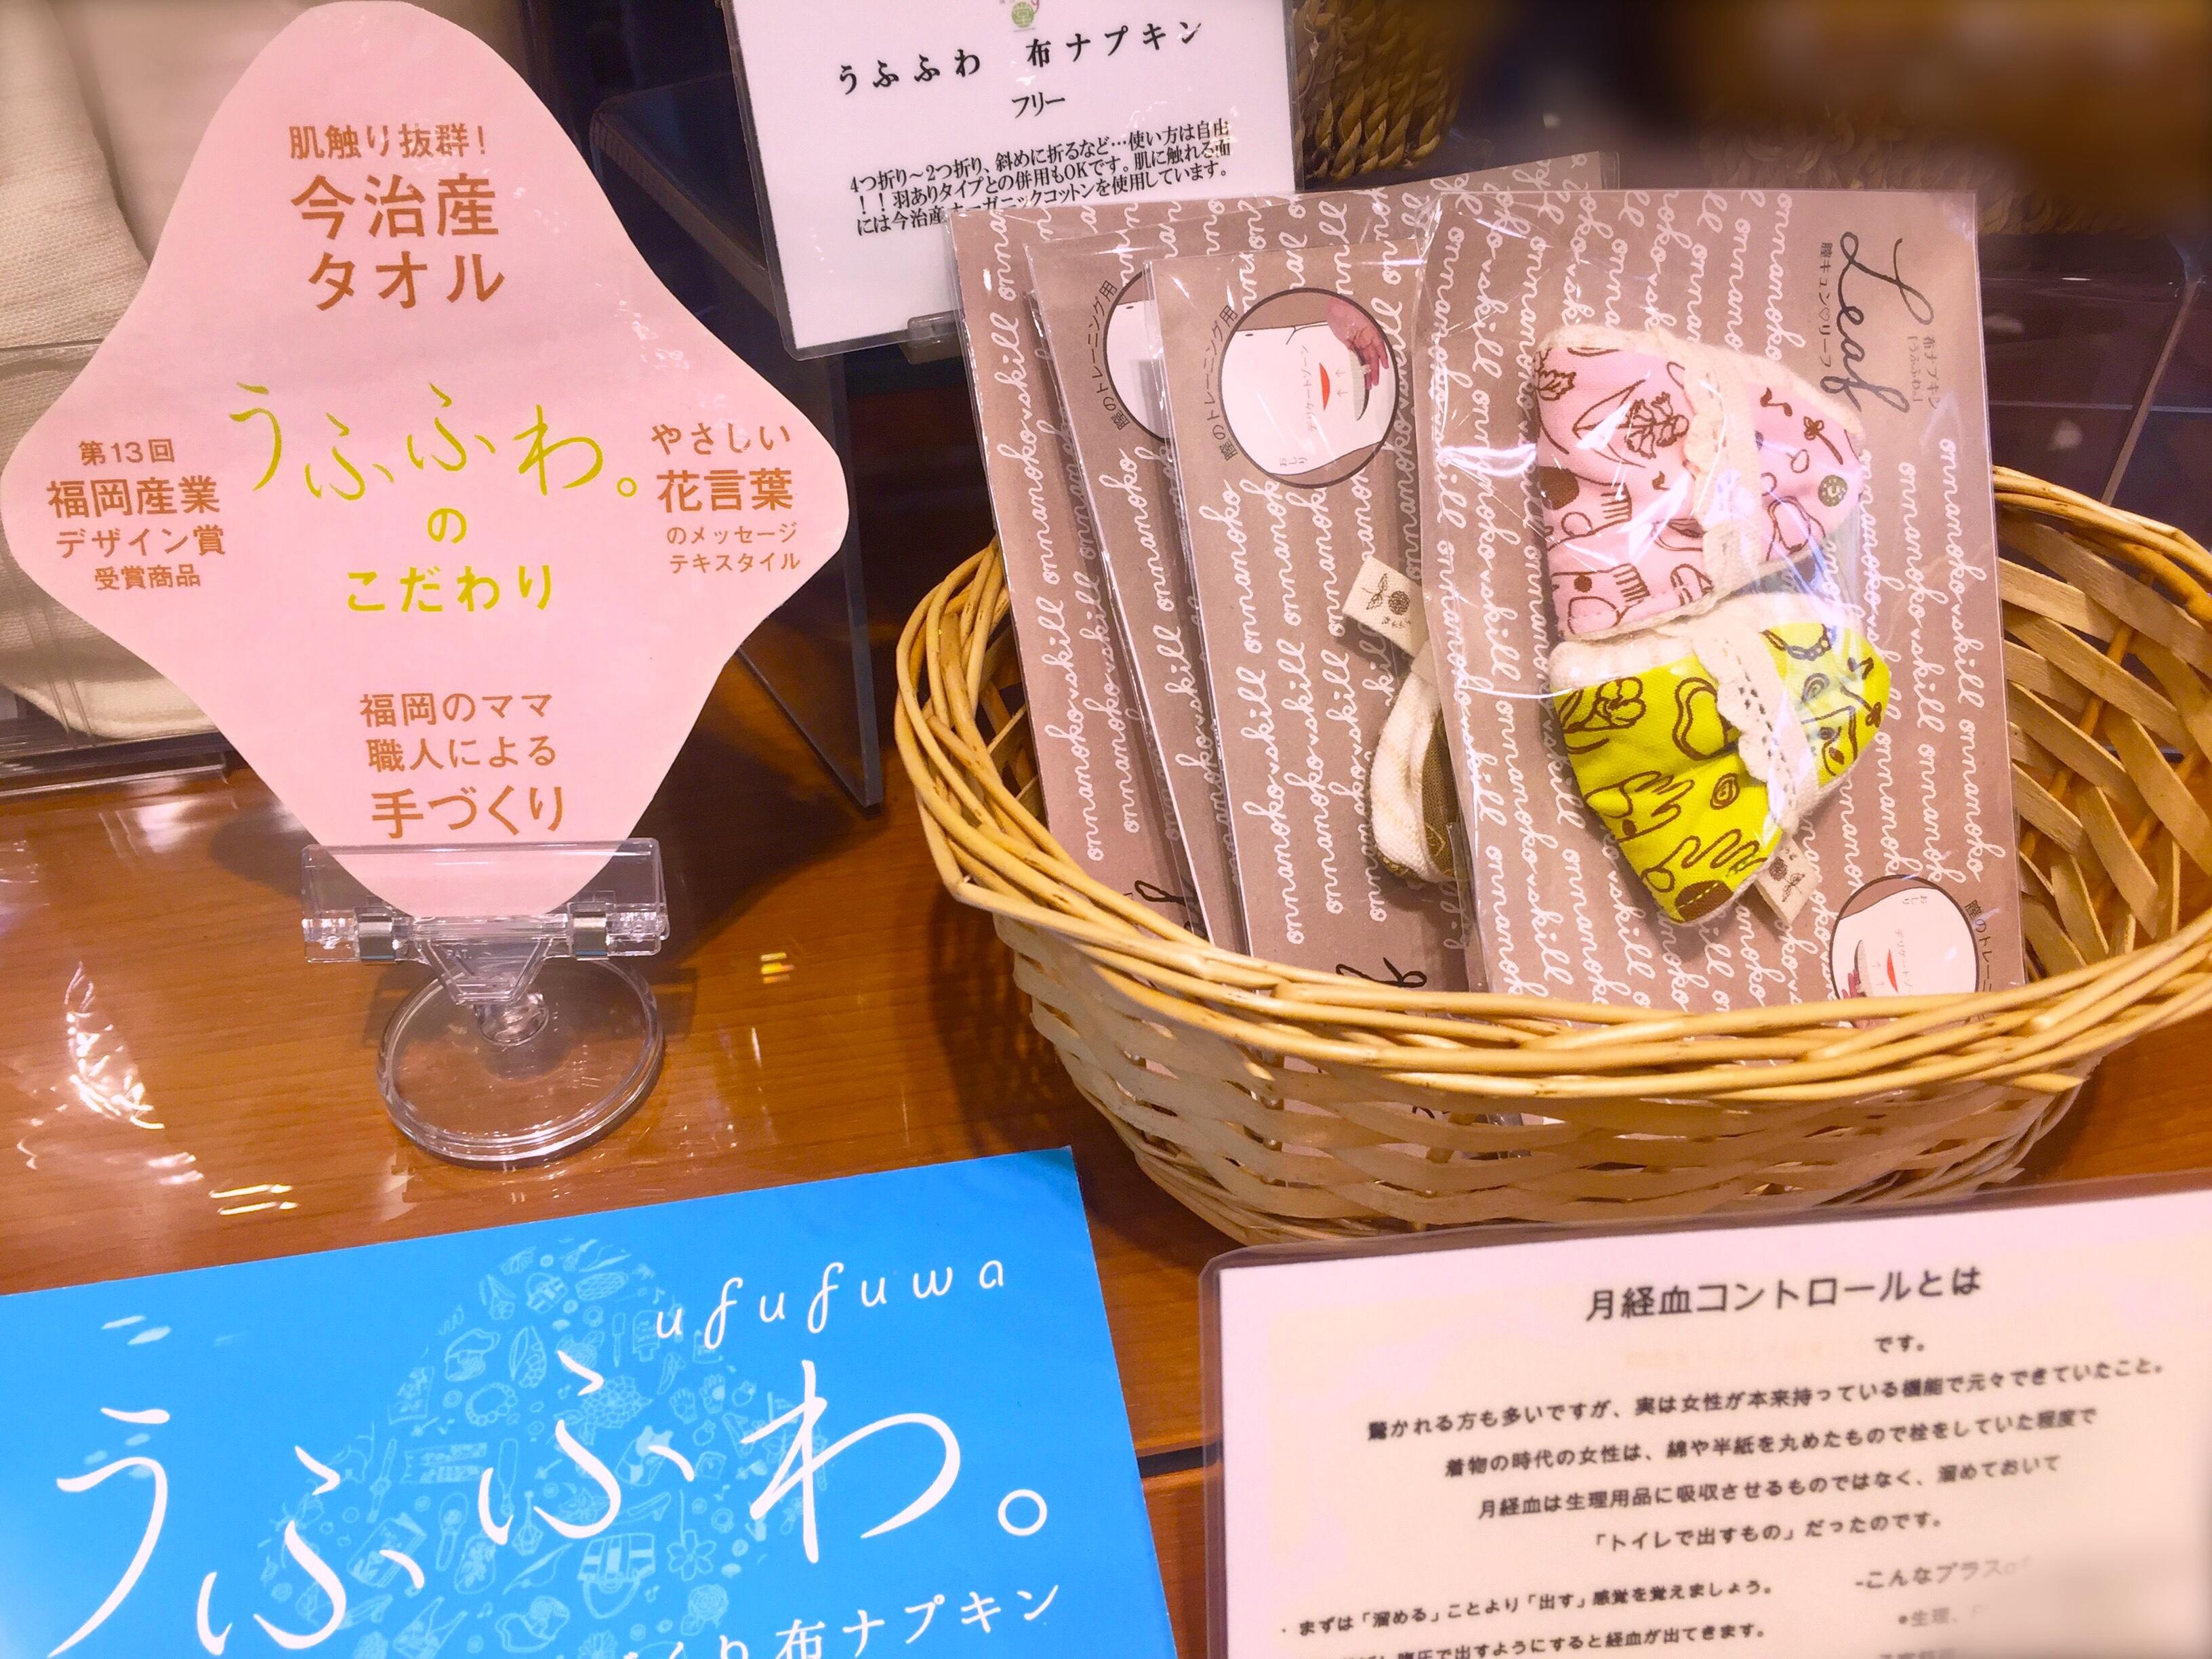 【コラム】福岡赤坂の「布ナプキンお取り扱いおすすめ店舗」レポート